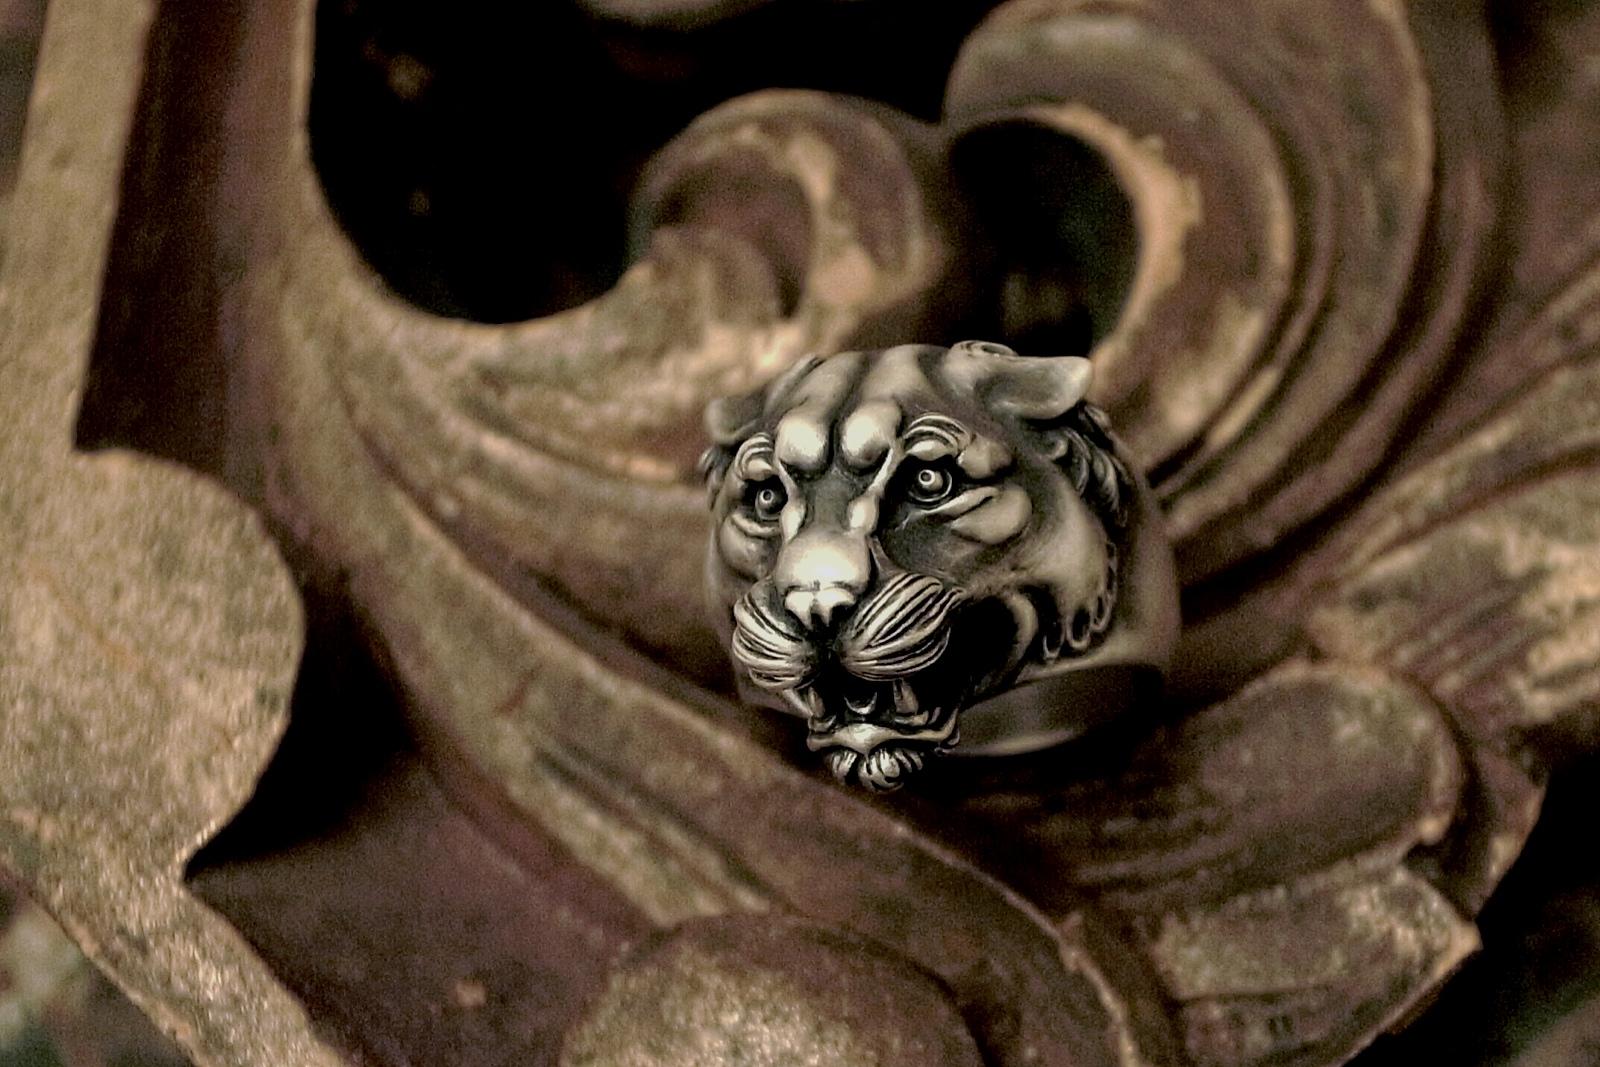 どこかアジアンな雰囲気も感じる【Panther Ring】